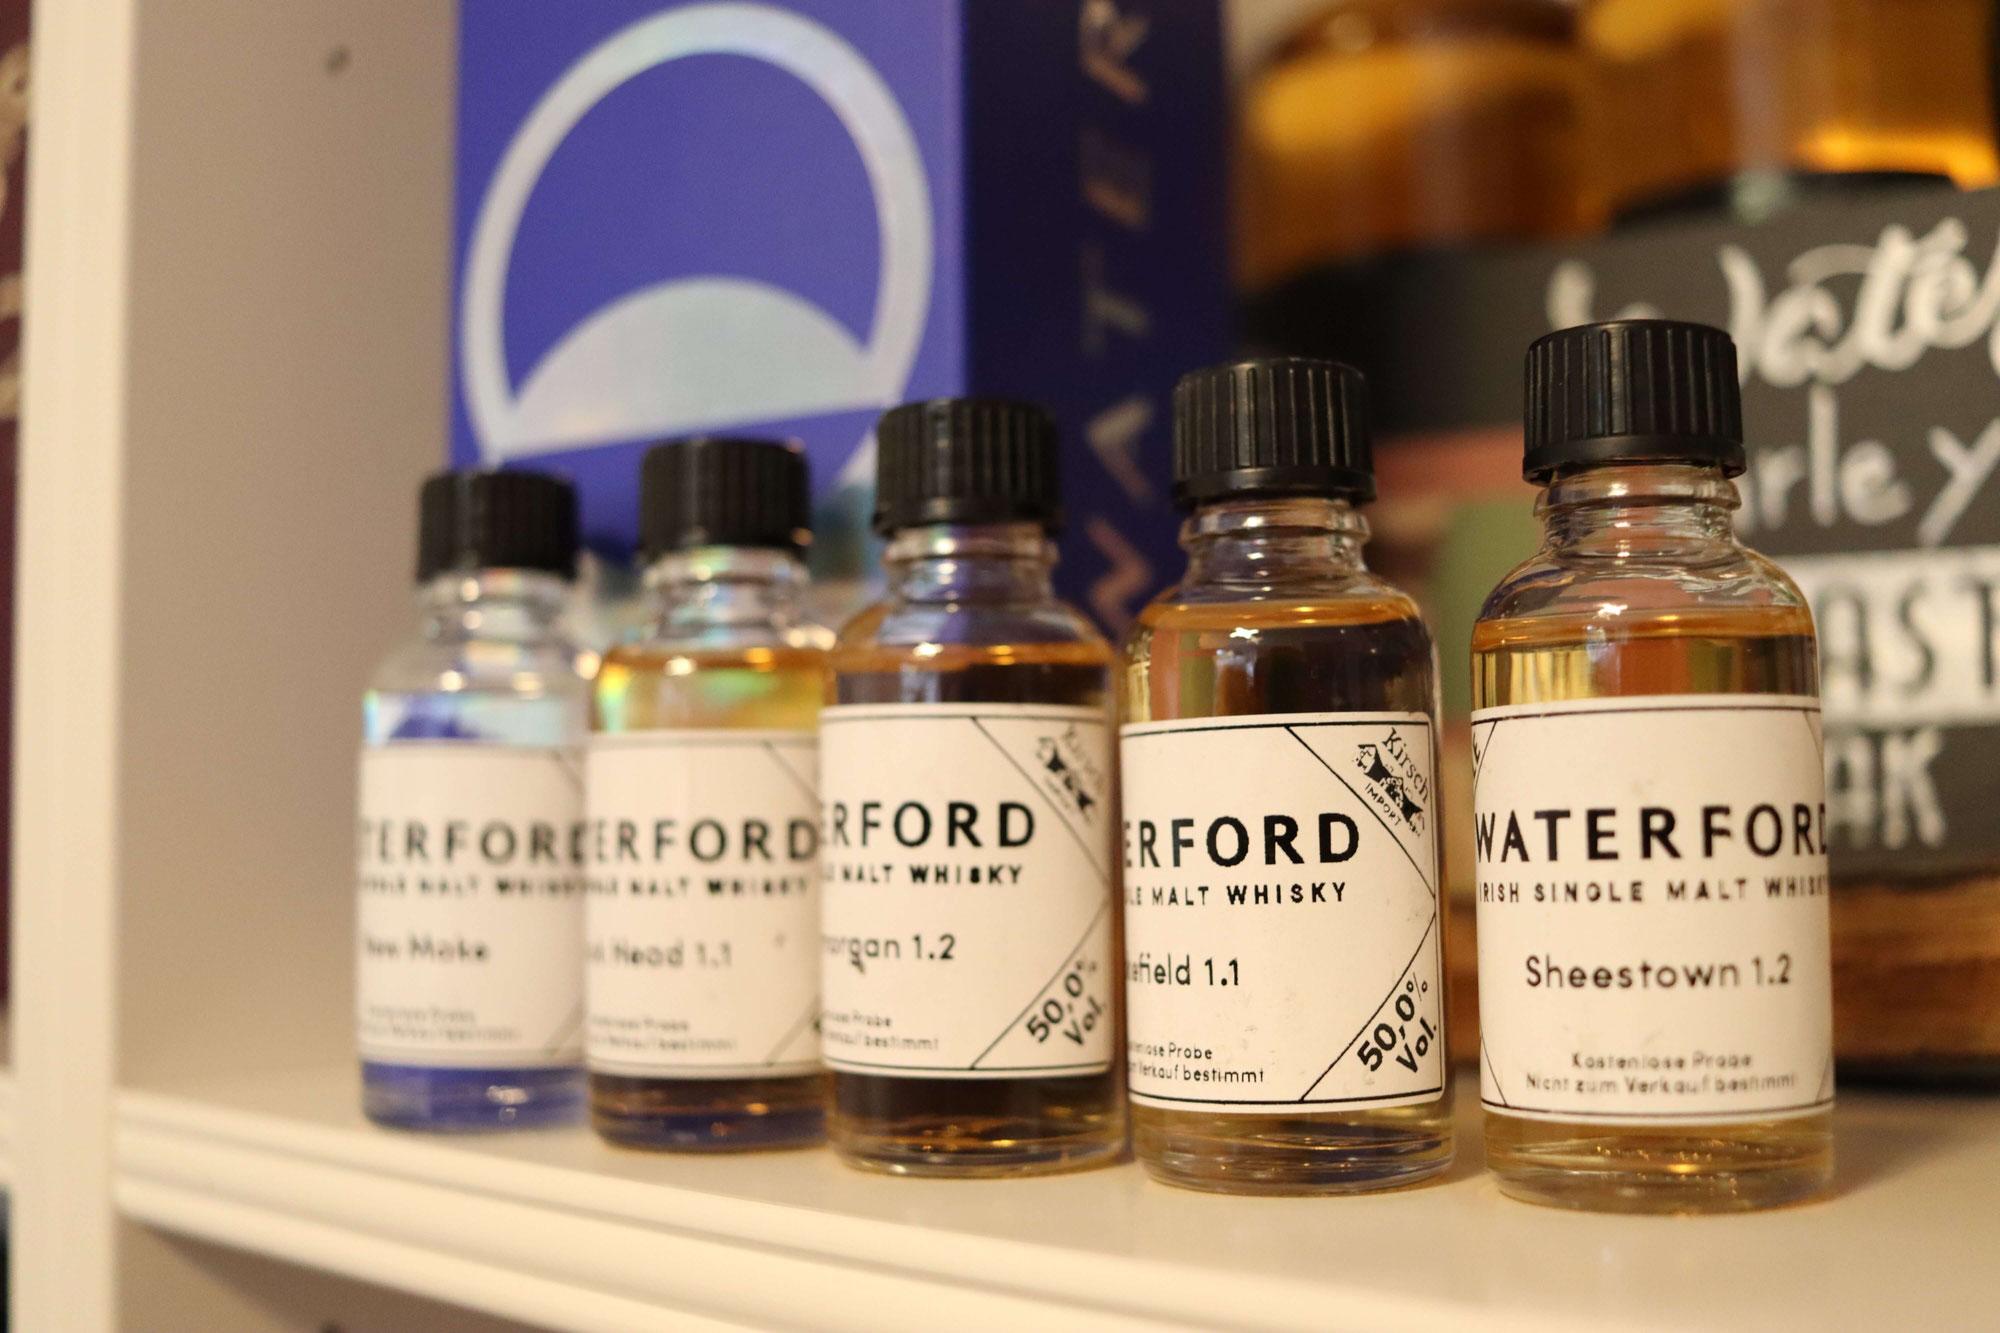 Whiskybesprechung #201: Waterford Tinnashrule & ein Abend mit Mark Reynier